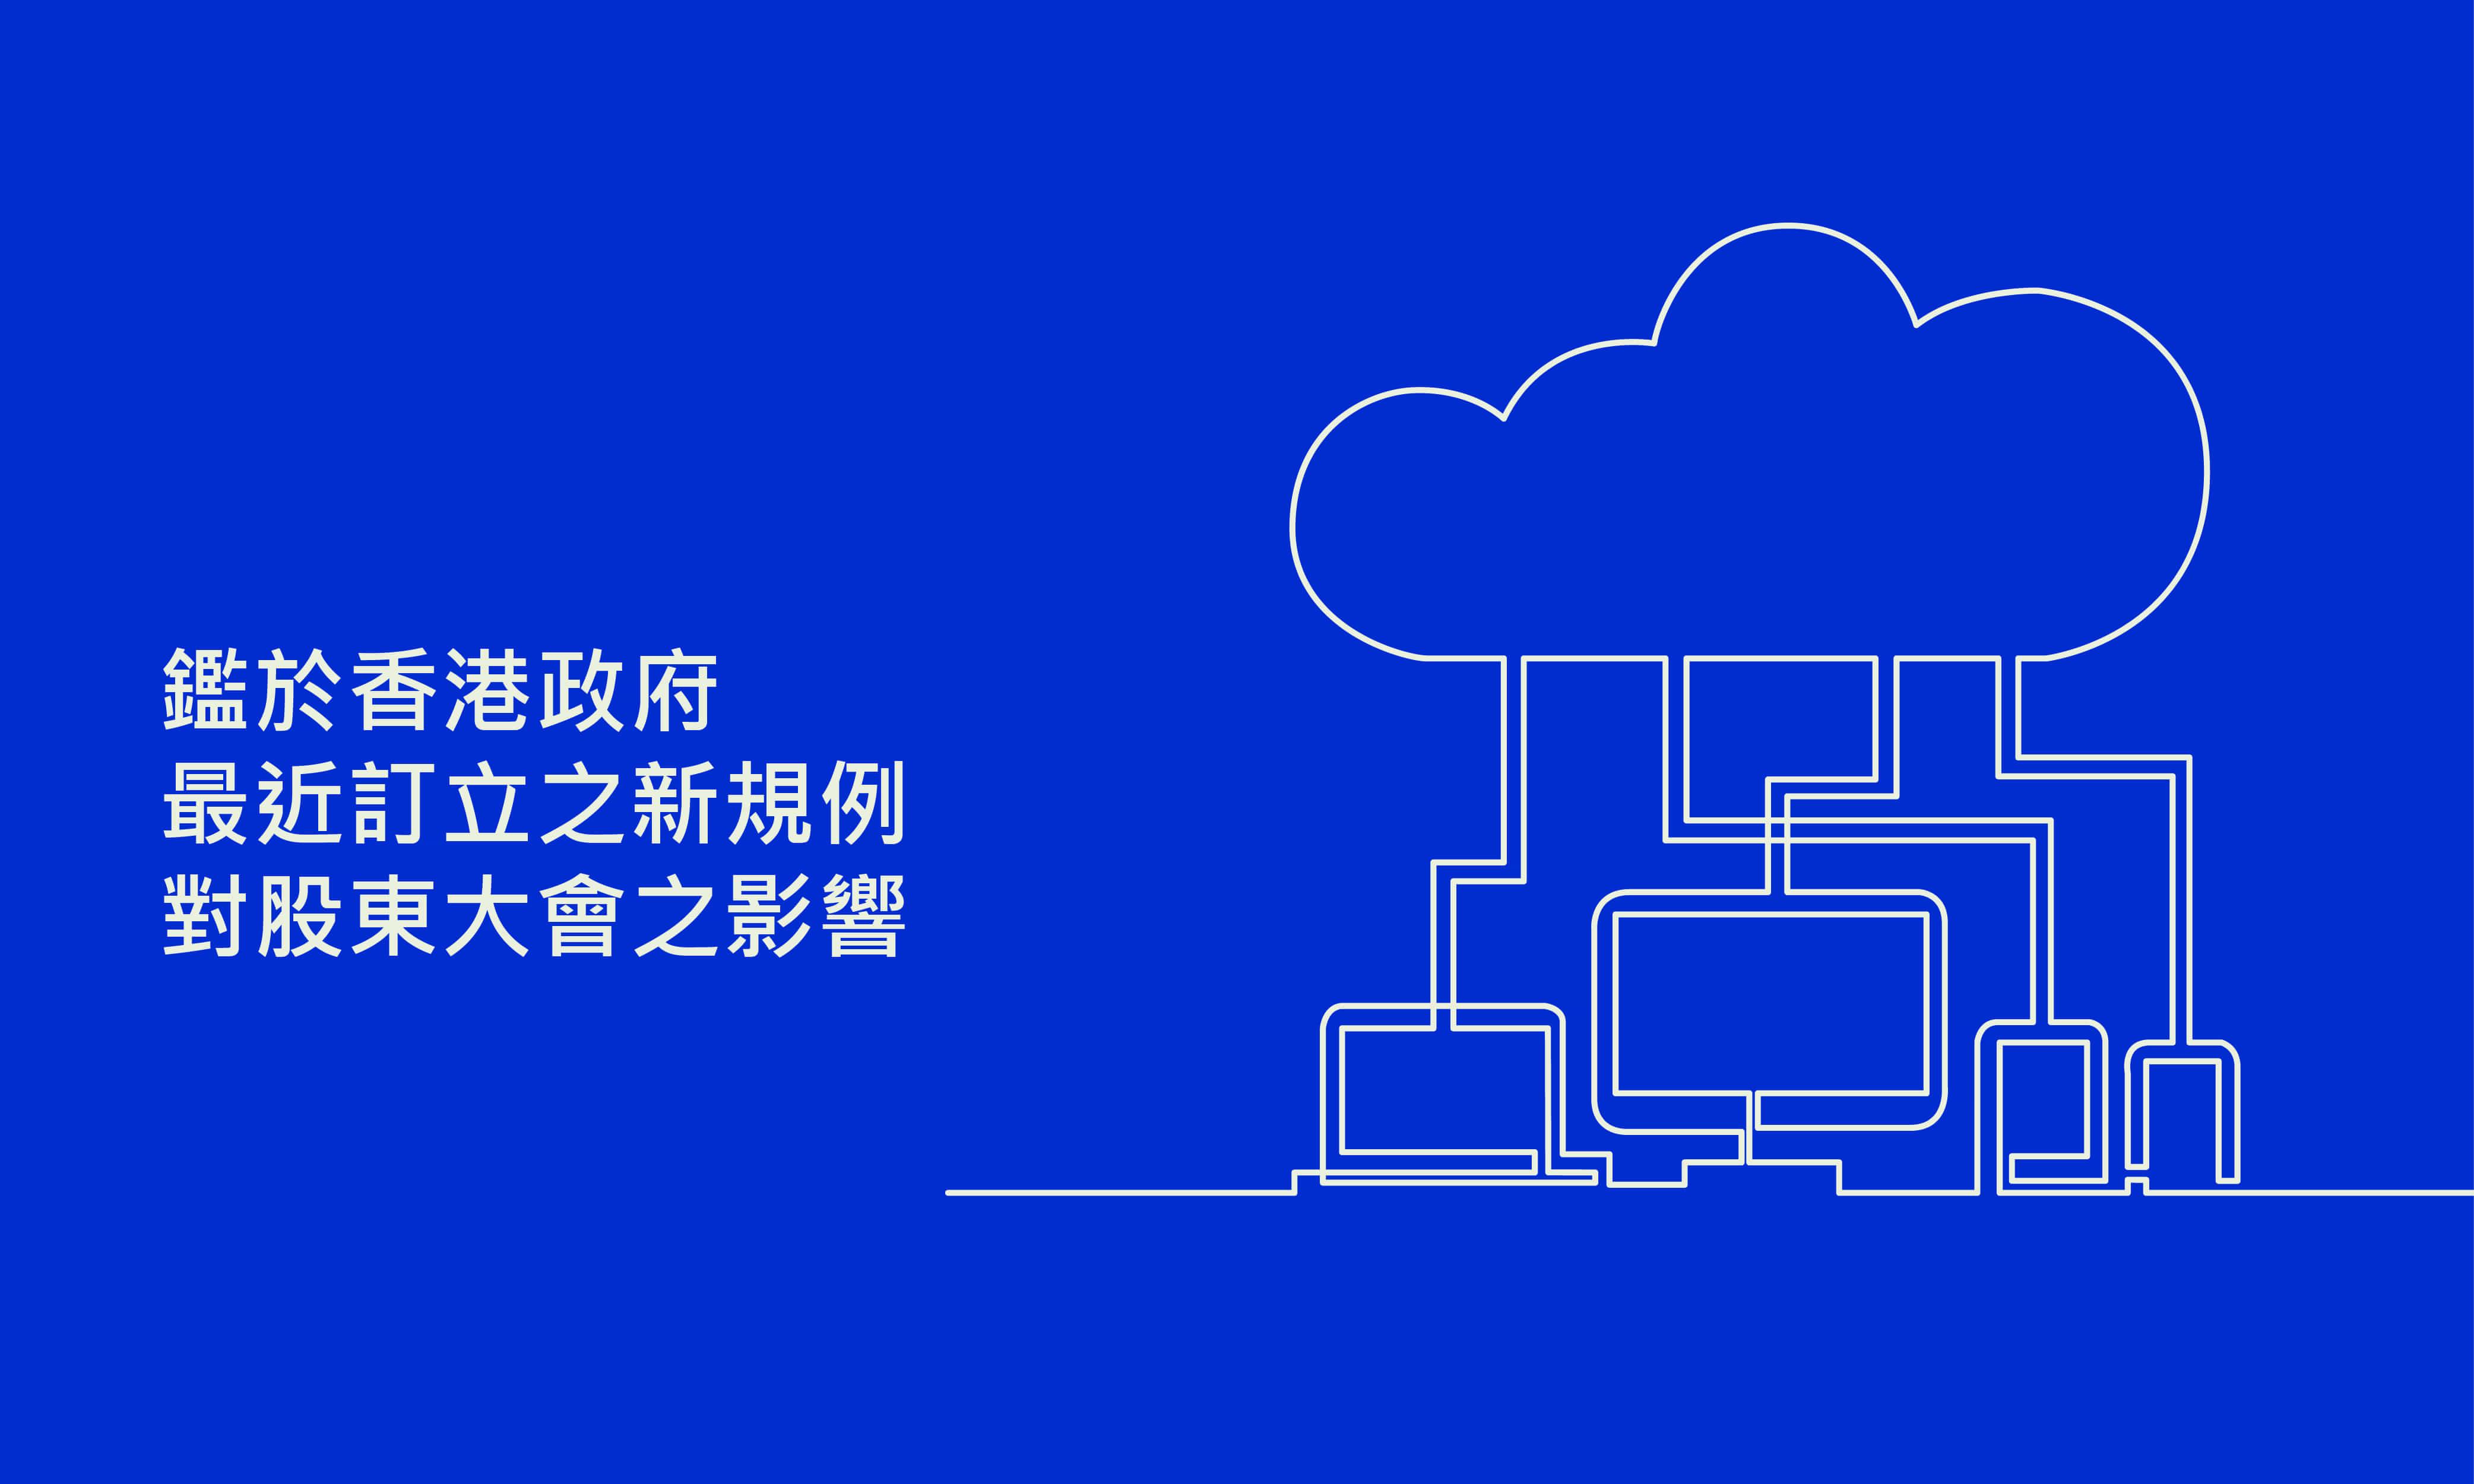 鑑於香港政府最近訂立之新規例對股東大會之影響